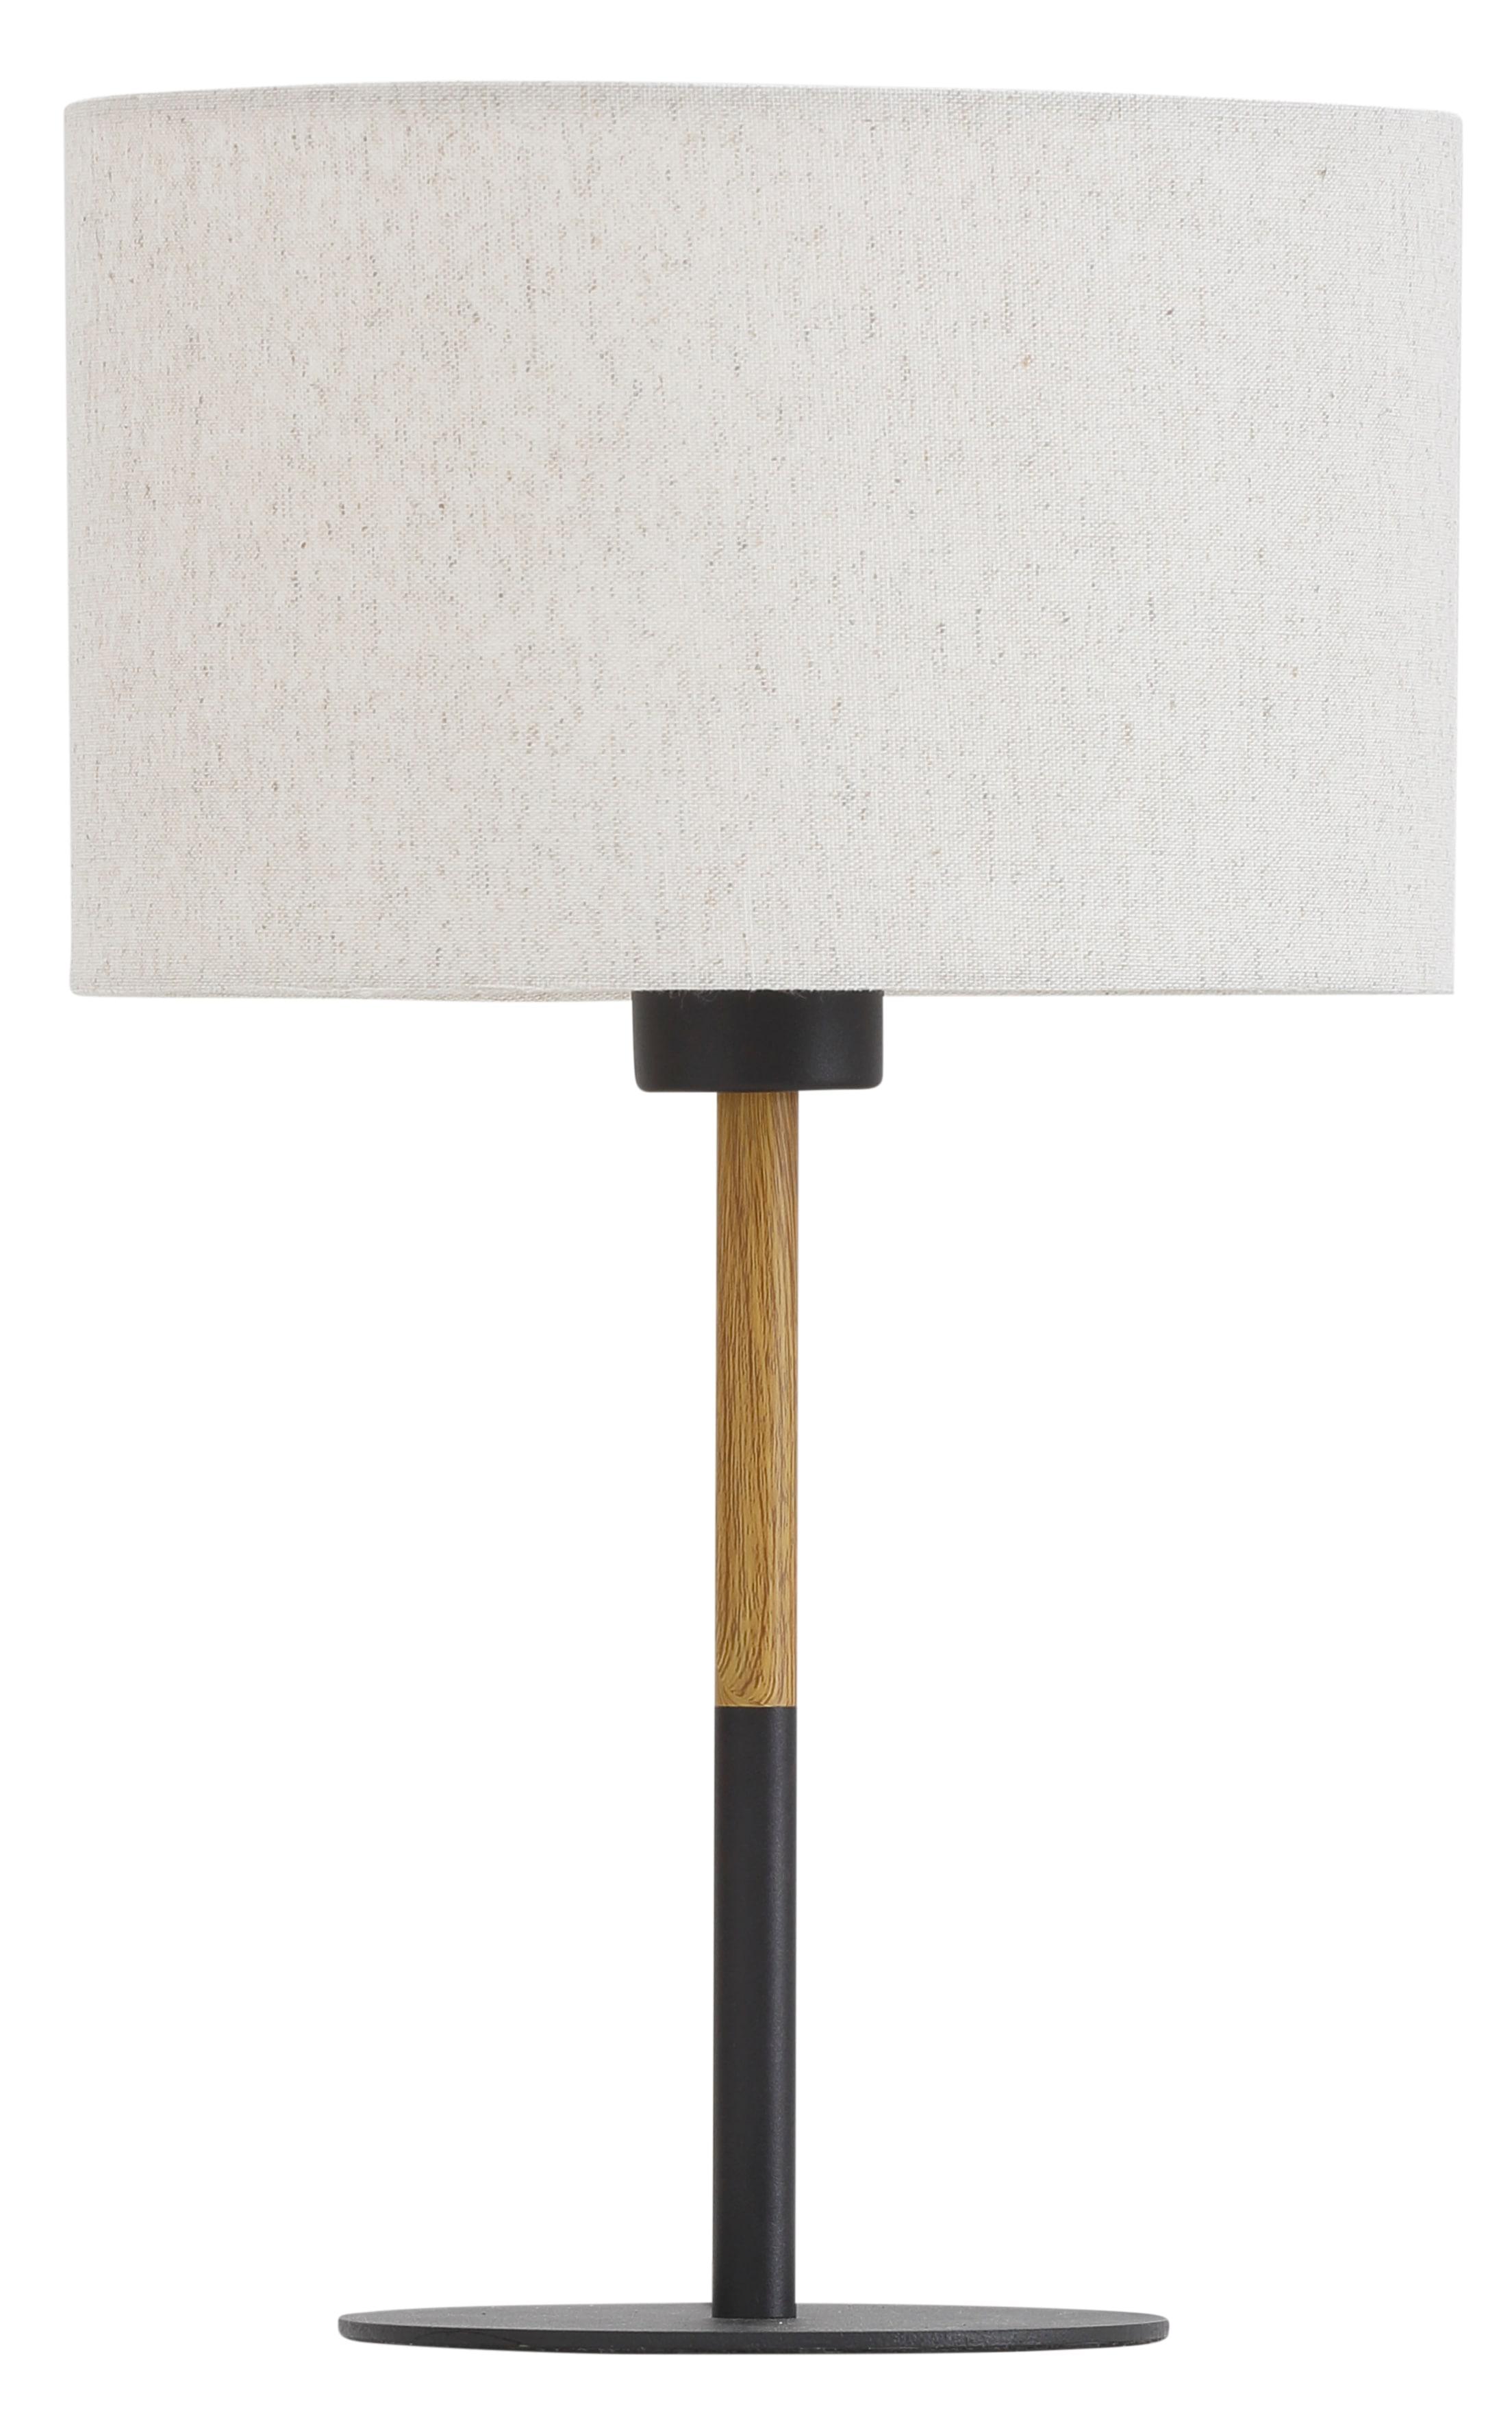 Home affaire Tischleuchte San Marina, E27, 1 St., Tischlampe mit zweifarbigem Fuß in schwarz / holzfarben und Leinenschirm / Stoff - Schirm beige Ø 25 cm, Höhe 40 cm